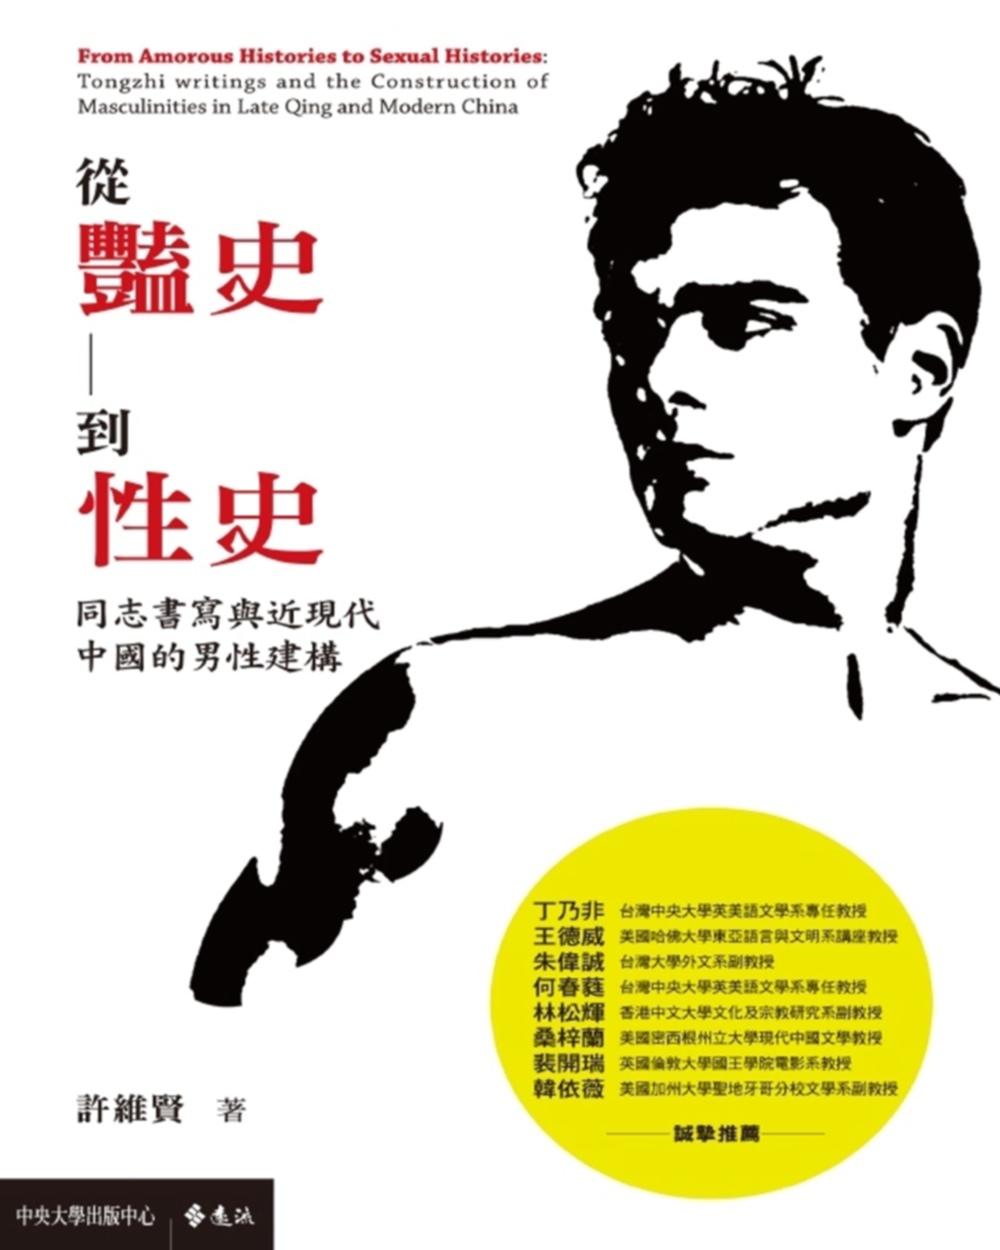 從豔史到性史:同志書寫與近現代中國的男性建構